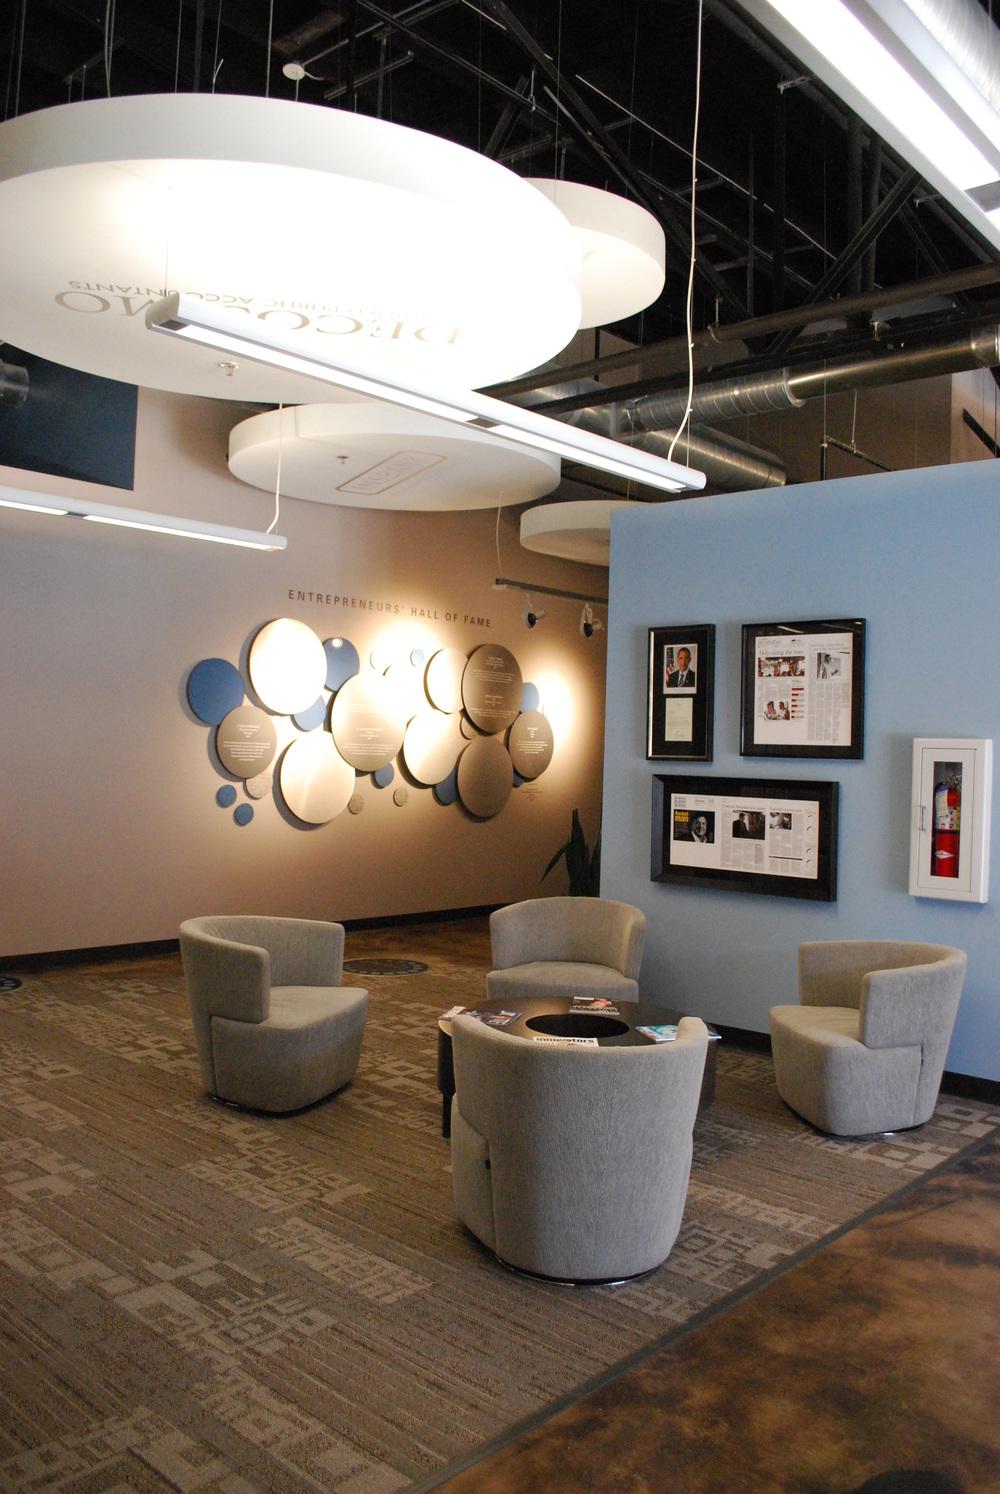 Entrepreneur Center Break Area